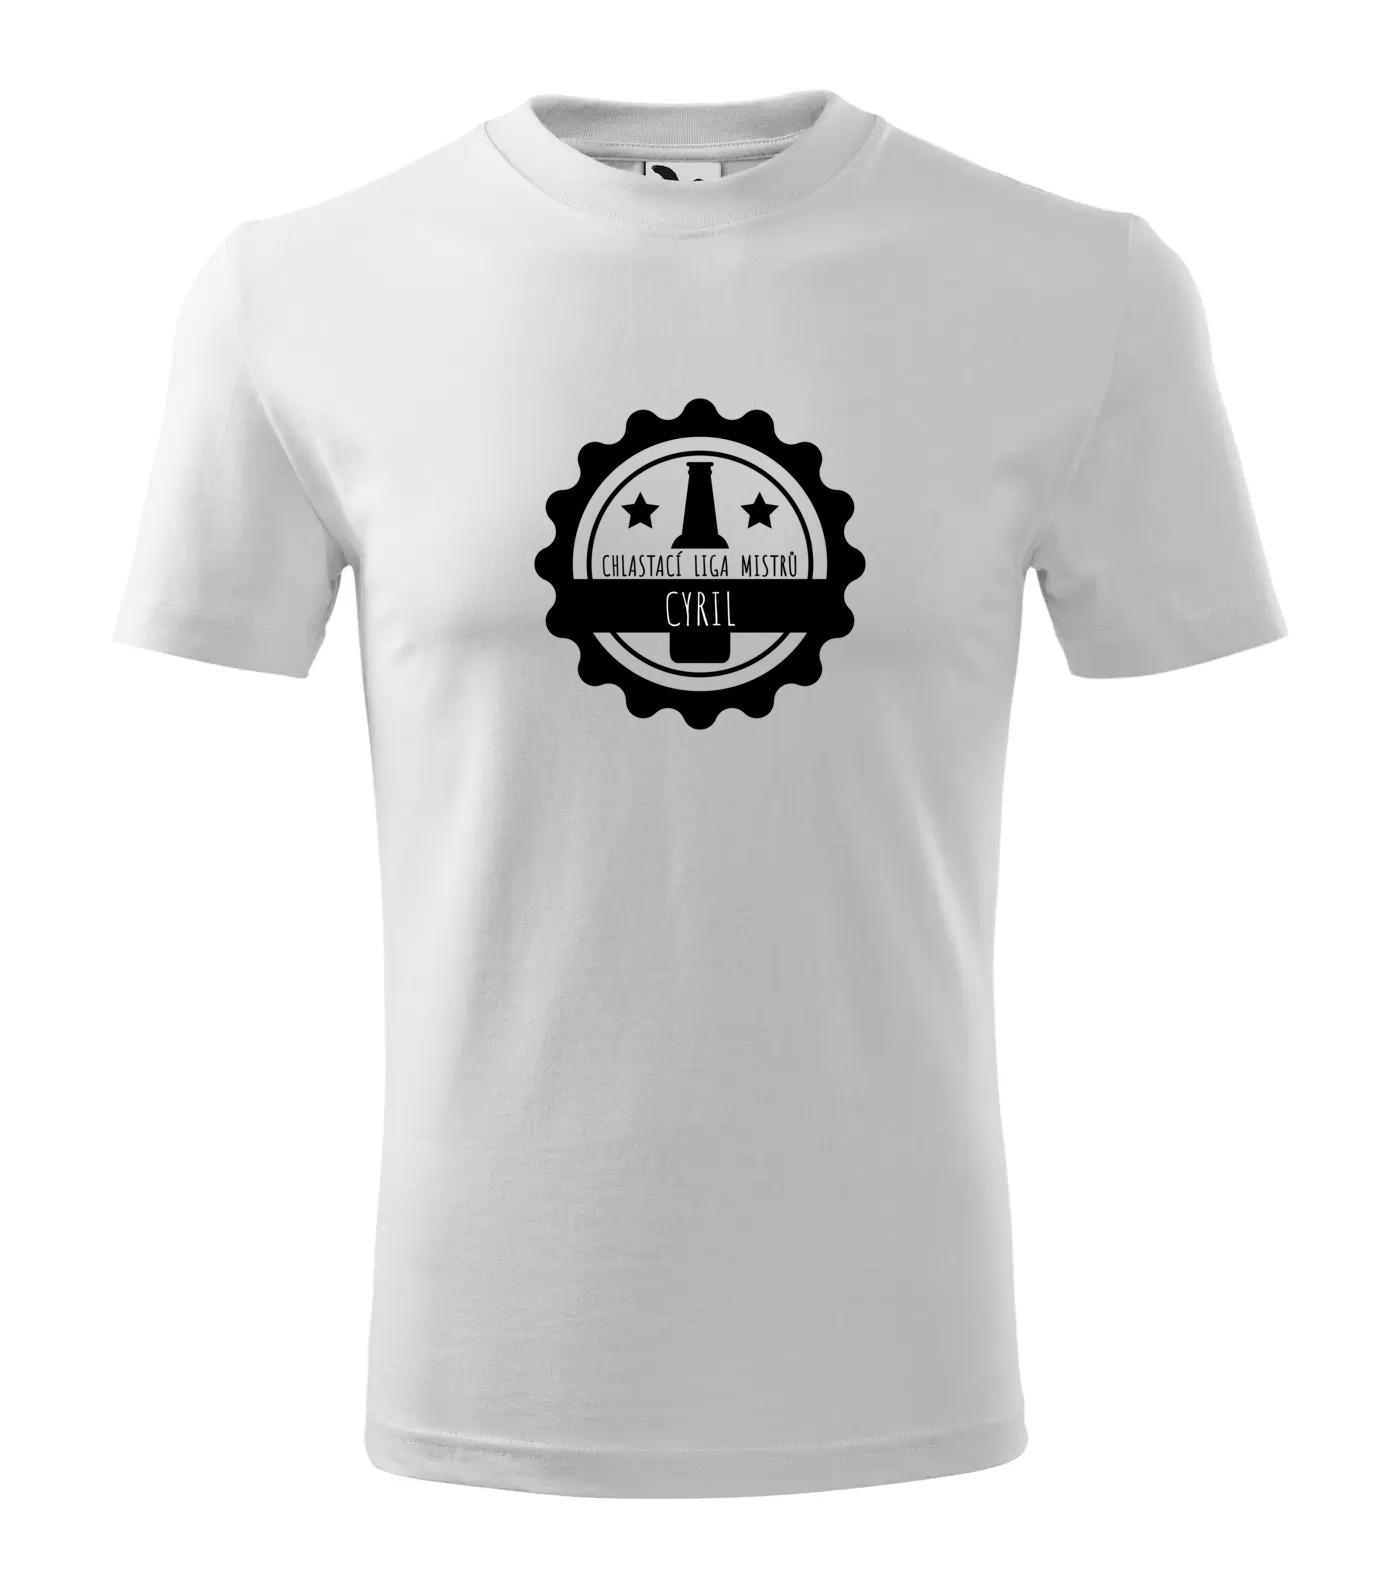 Tričko Chlastací liga mužů Cyril